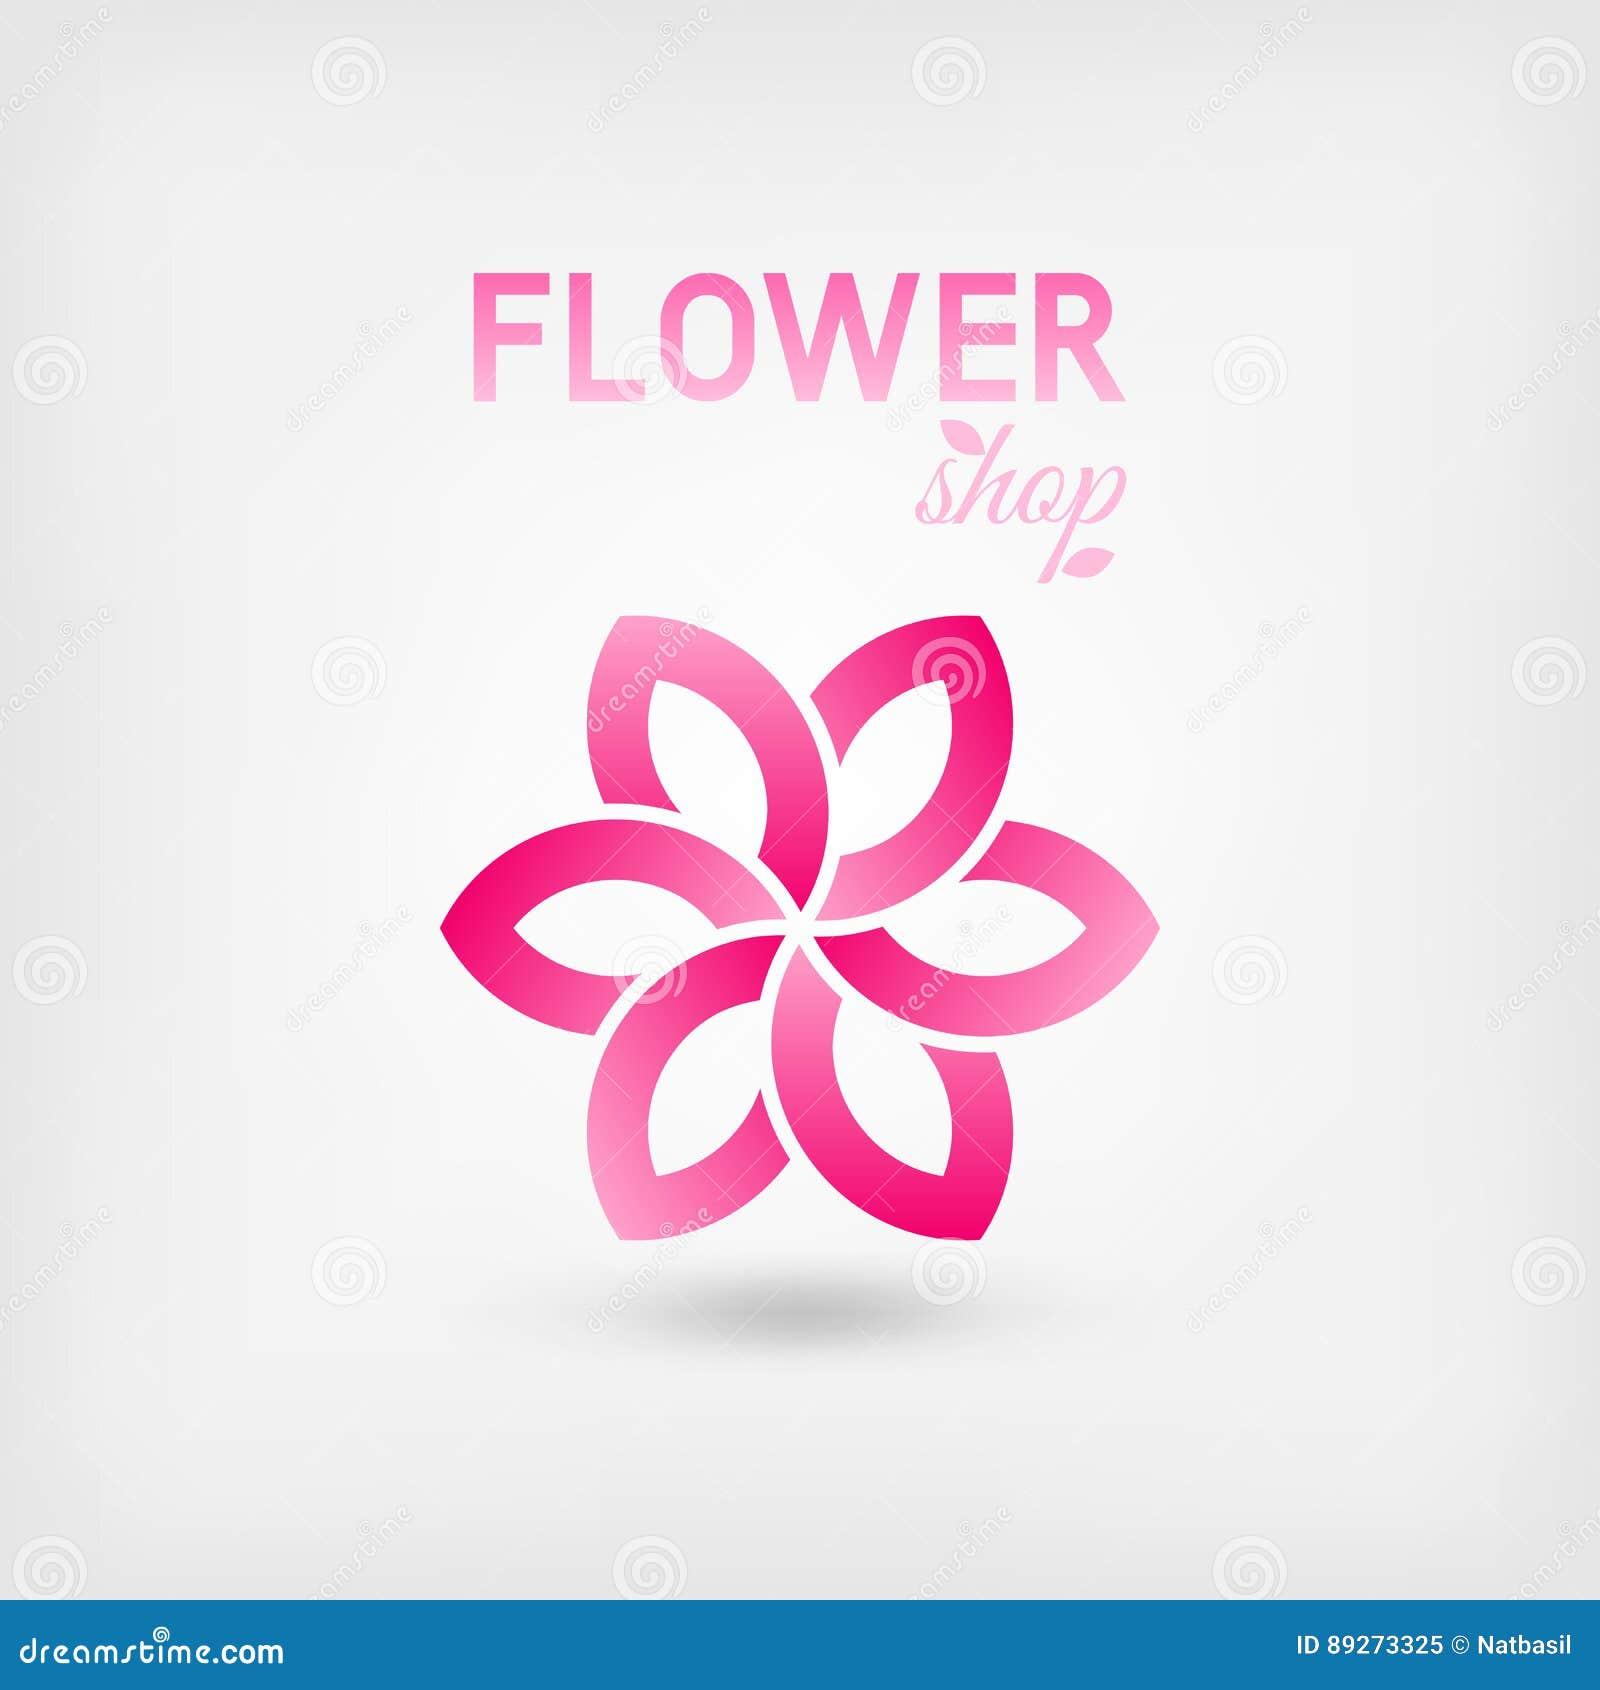 Pink Logo Designs  2892 Logos to Browse